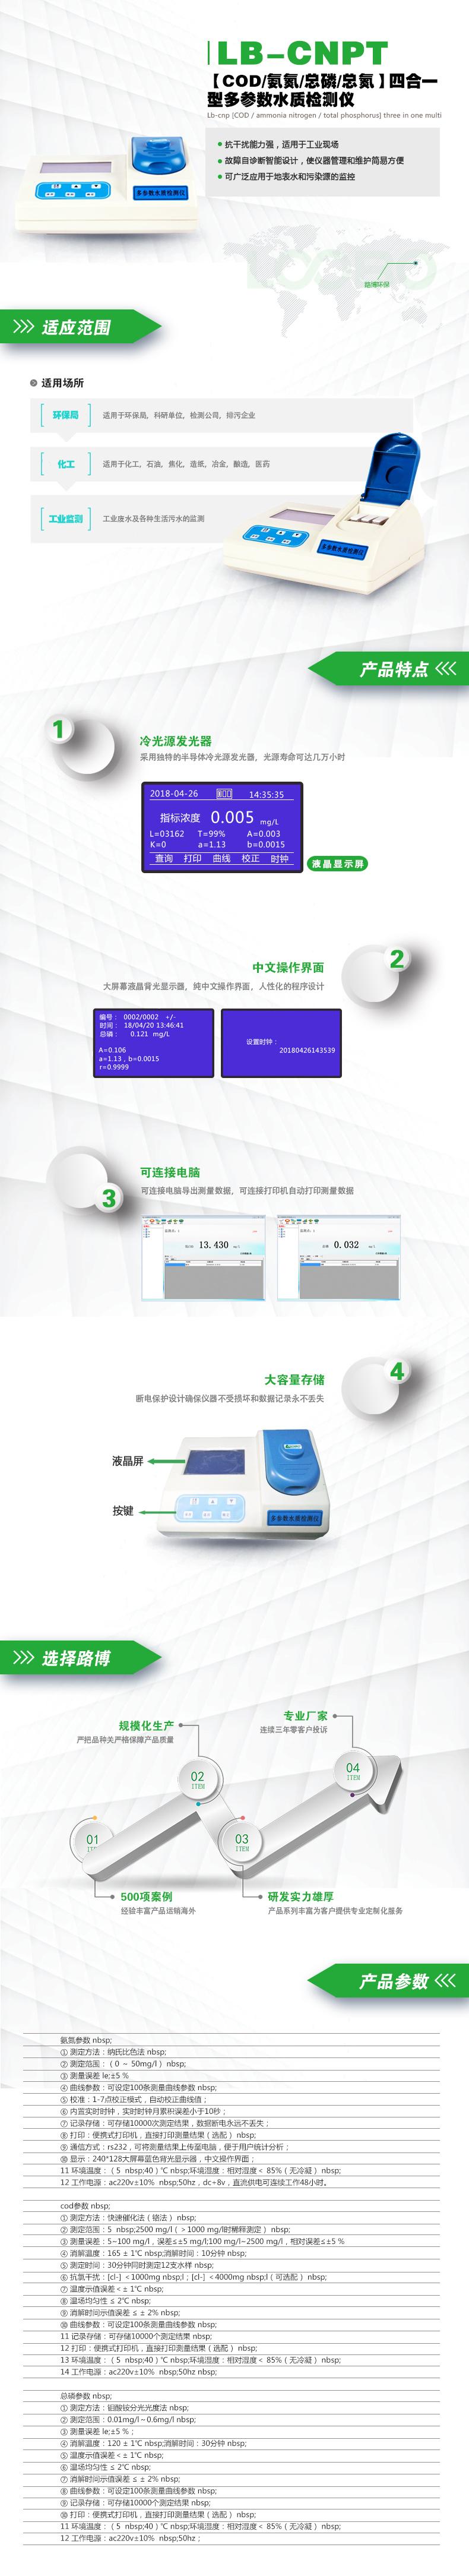 LB-CNPT【COD-氨氮-总磷-总氮】-四合一型多参数水质检测仪.jpg